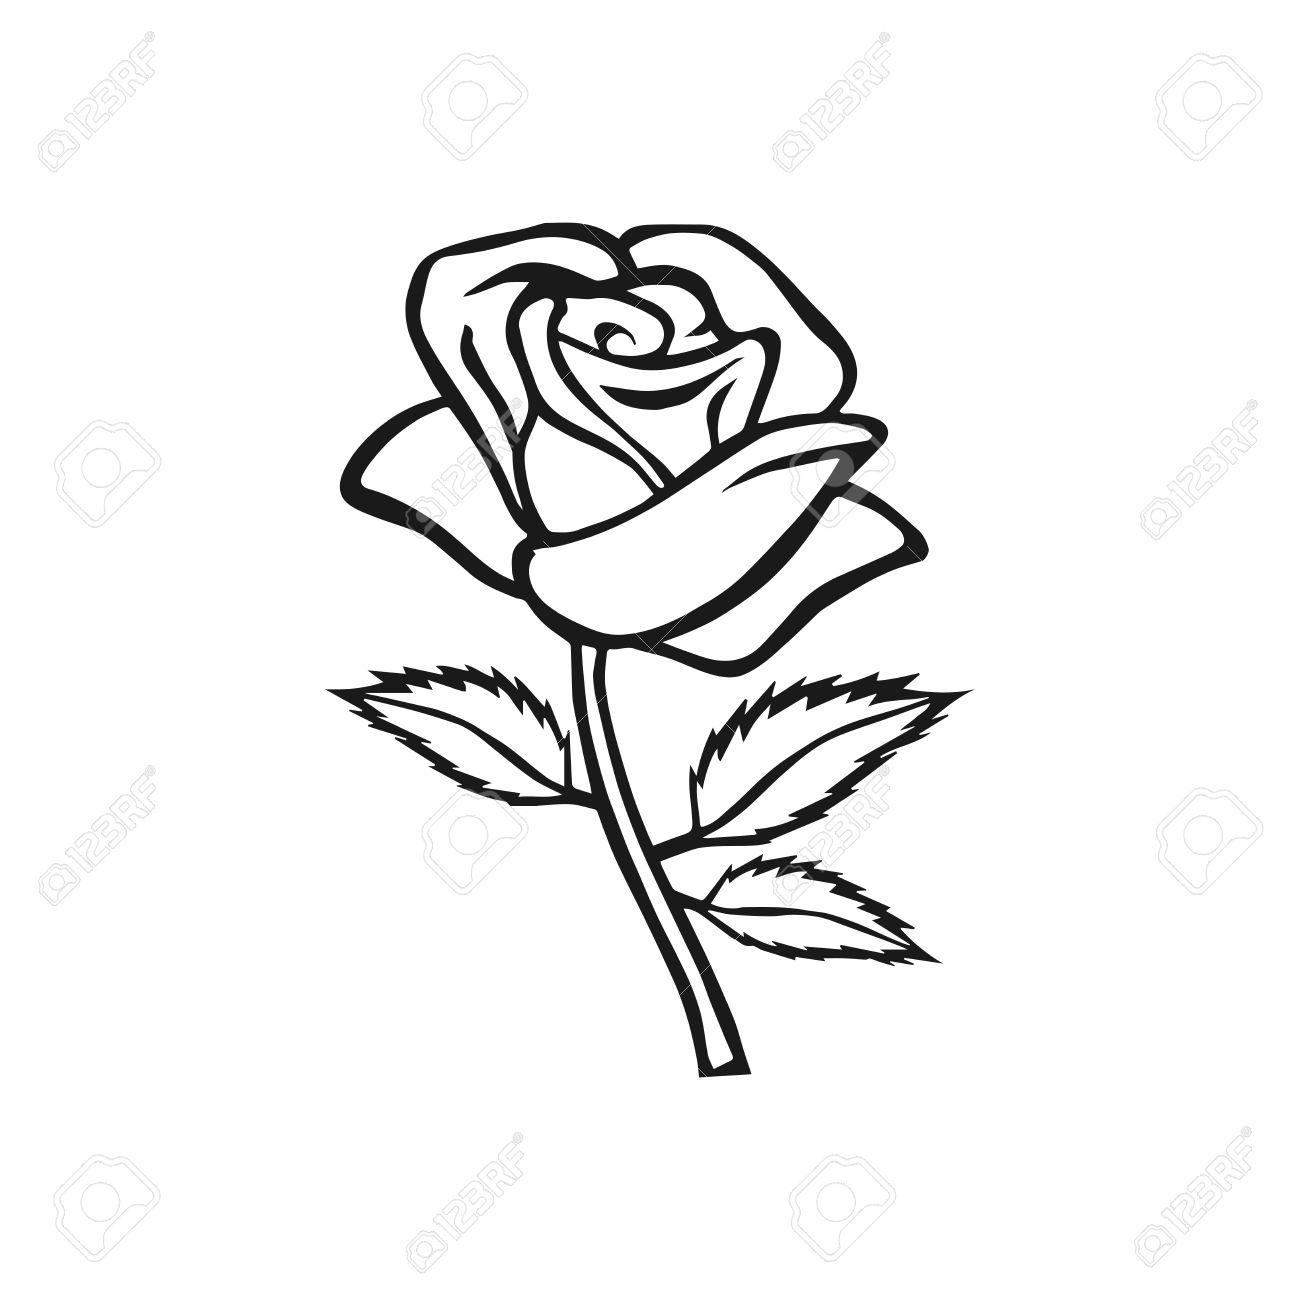 Rose Sketch Rose Motif Flower Design Elements Vector Illustration